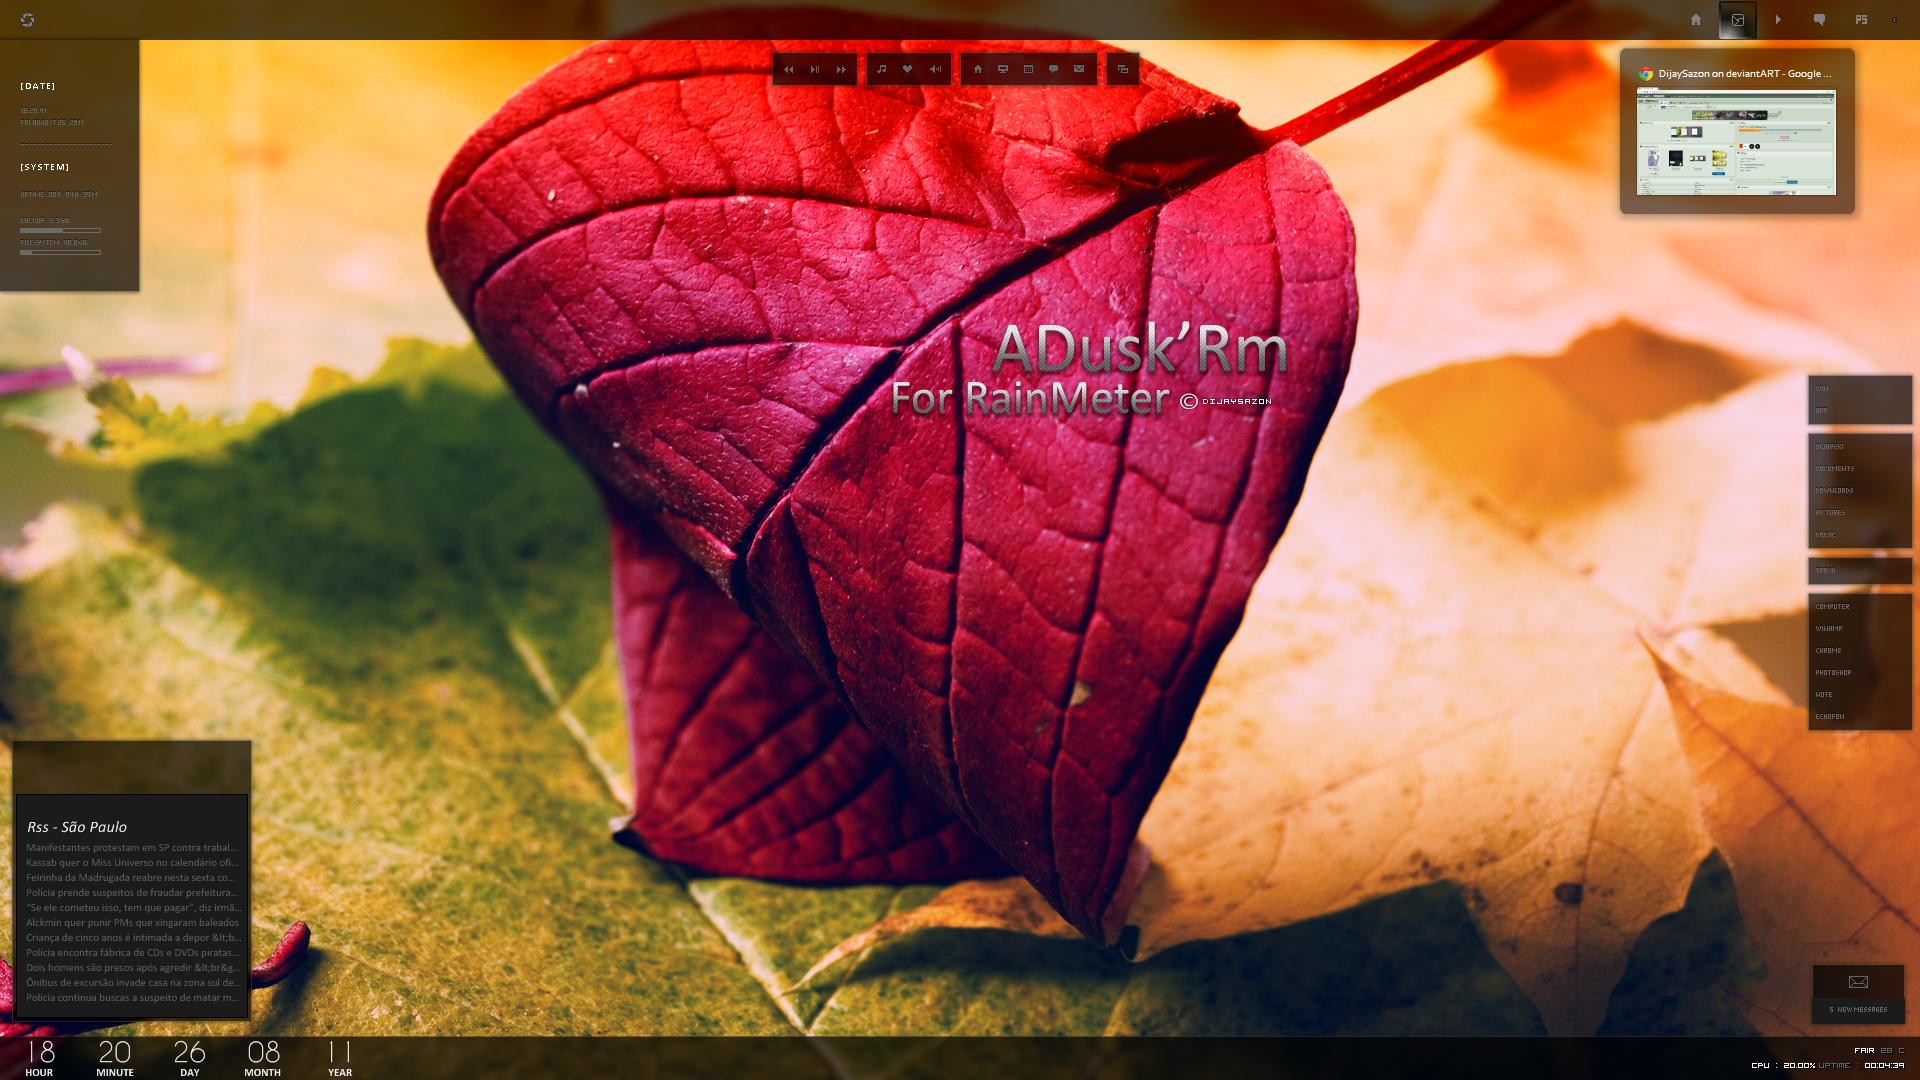 ADusk'Rm by DijaySazon